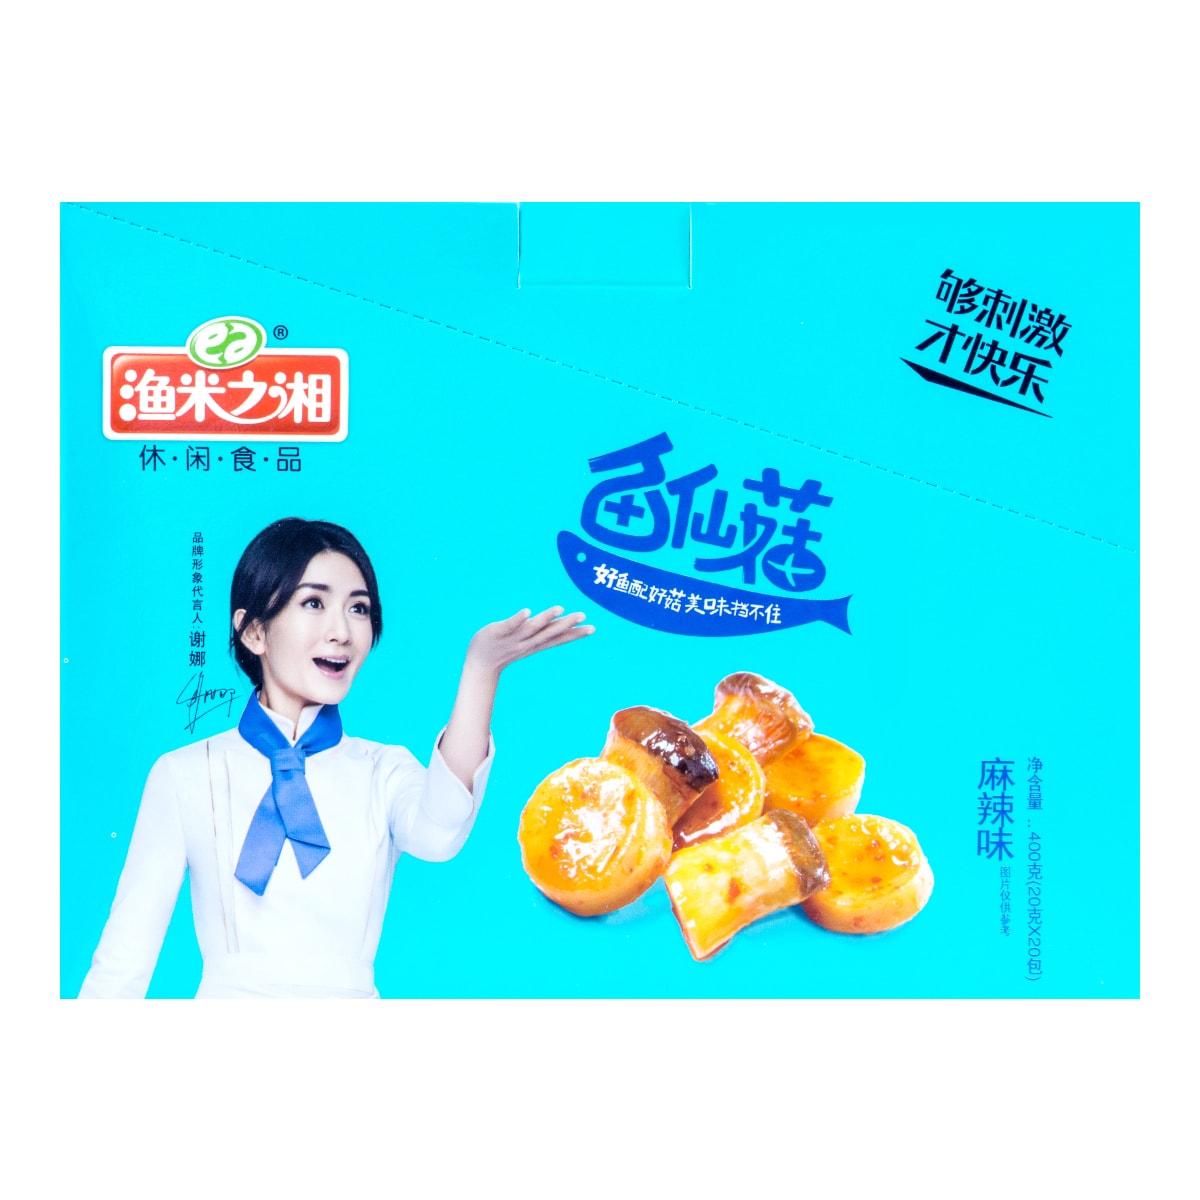 渔米之湘 鱼仙菇 麻辣味 20包入 400g